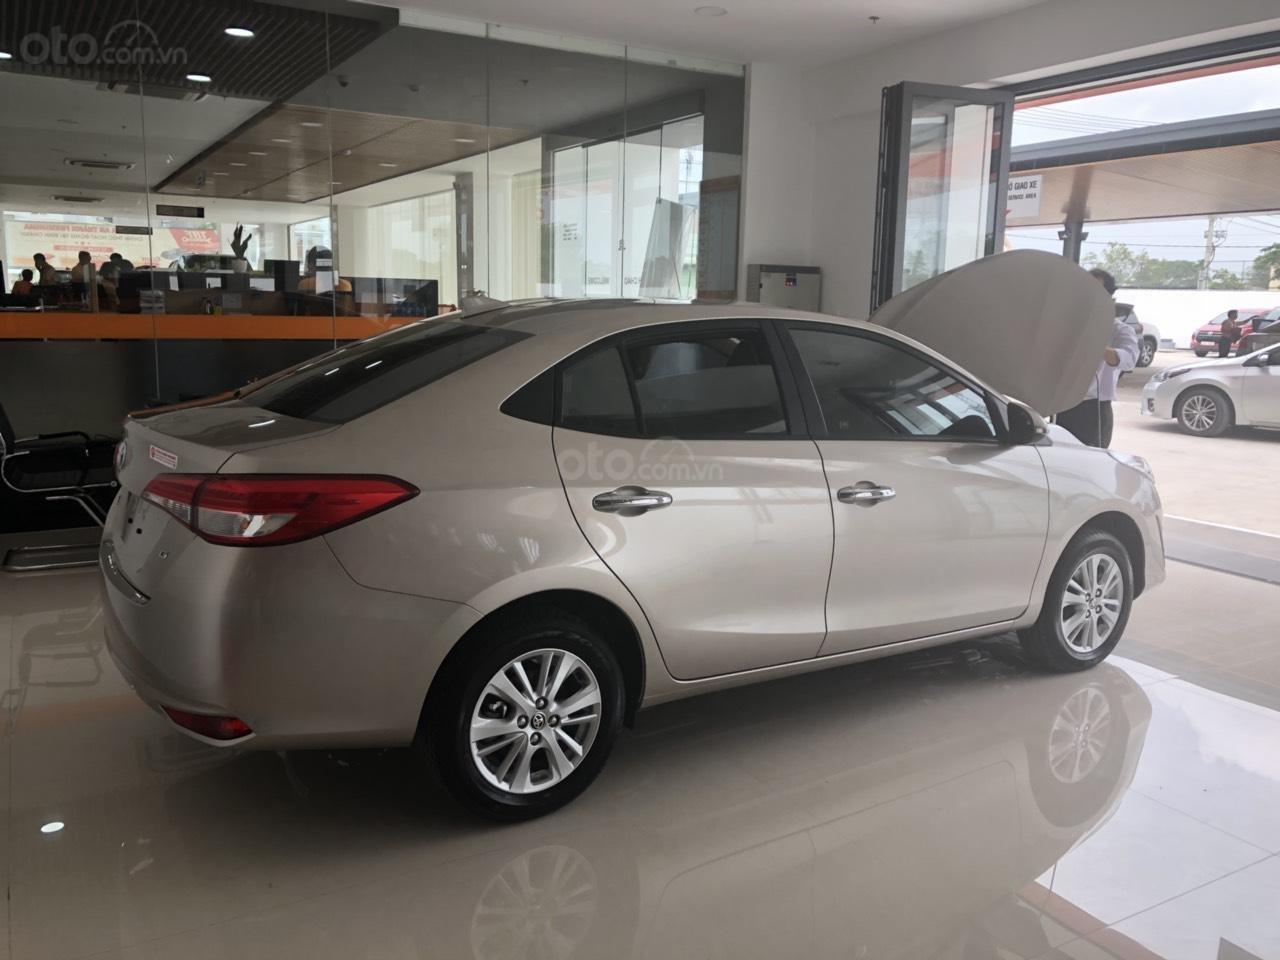 Bán Toyota Vios 1.5G cao cấp màu nâu vàng - giao xe ngay (2)